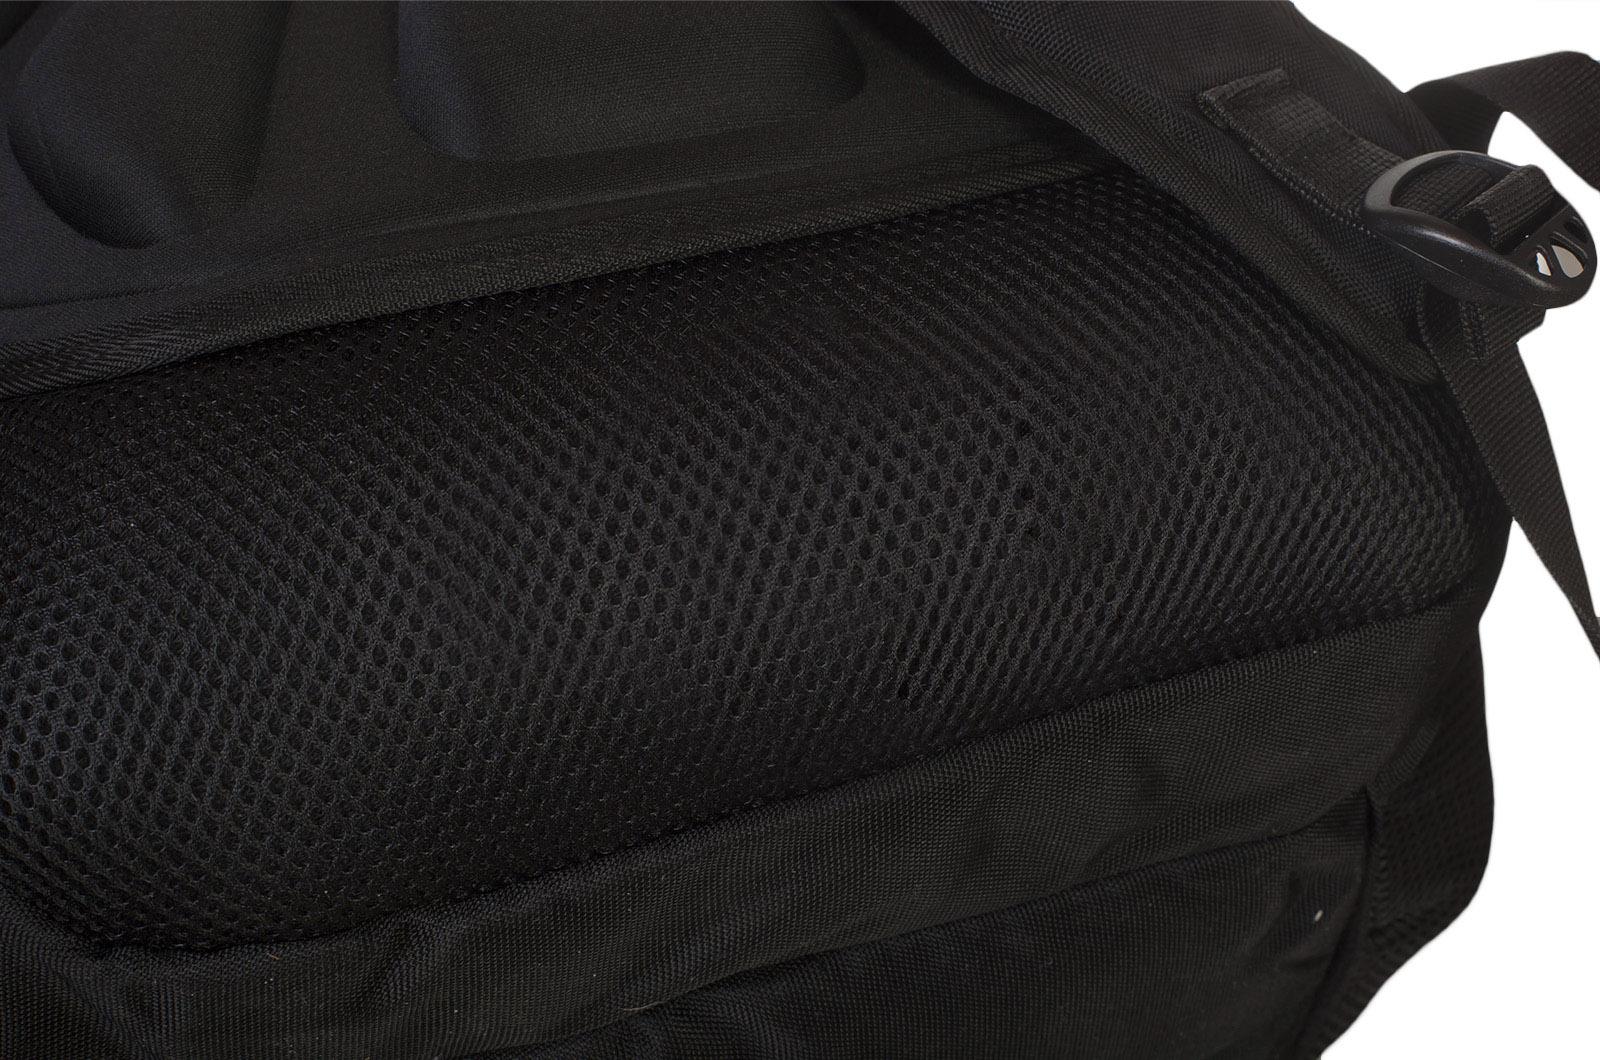 Универсальный черный рюкзак с нашивкой РВиА РФ - купить в подарок